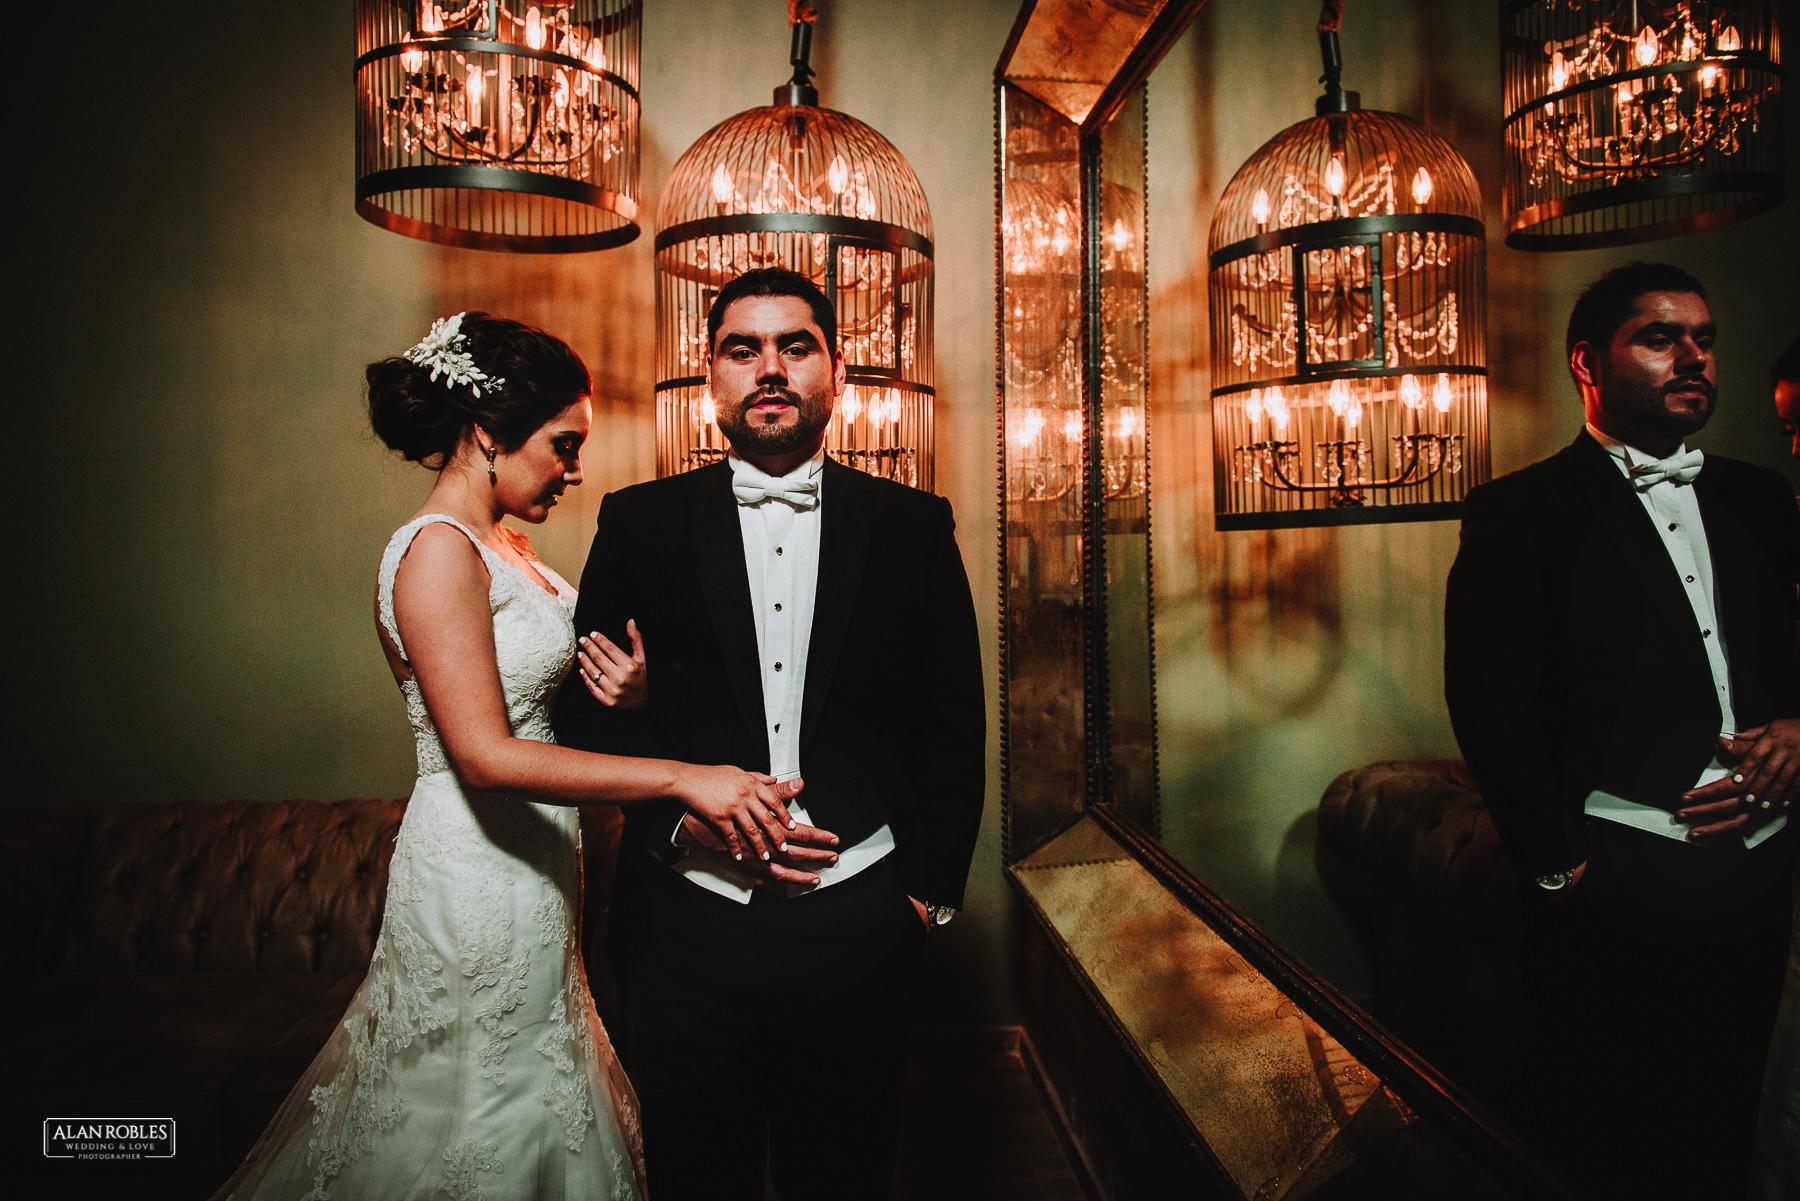 Fotografo de bodas Alan Robles-Casa Clementina Guadalajara DyA-47